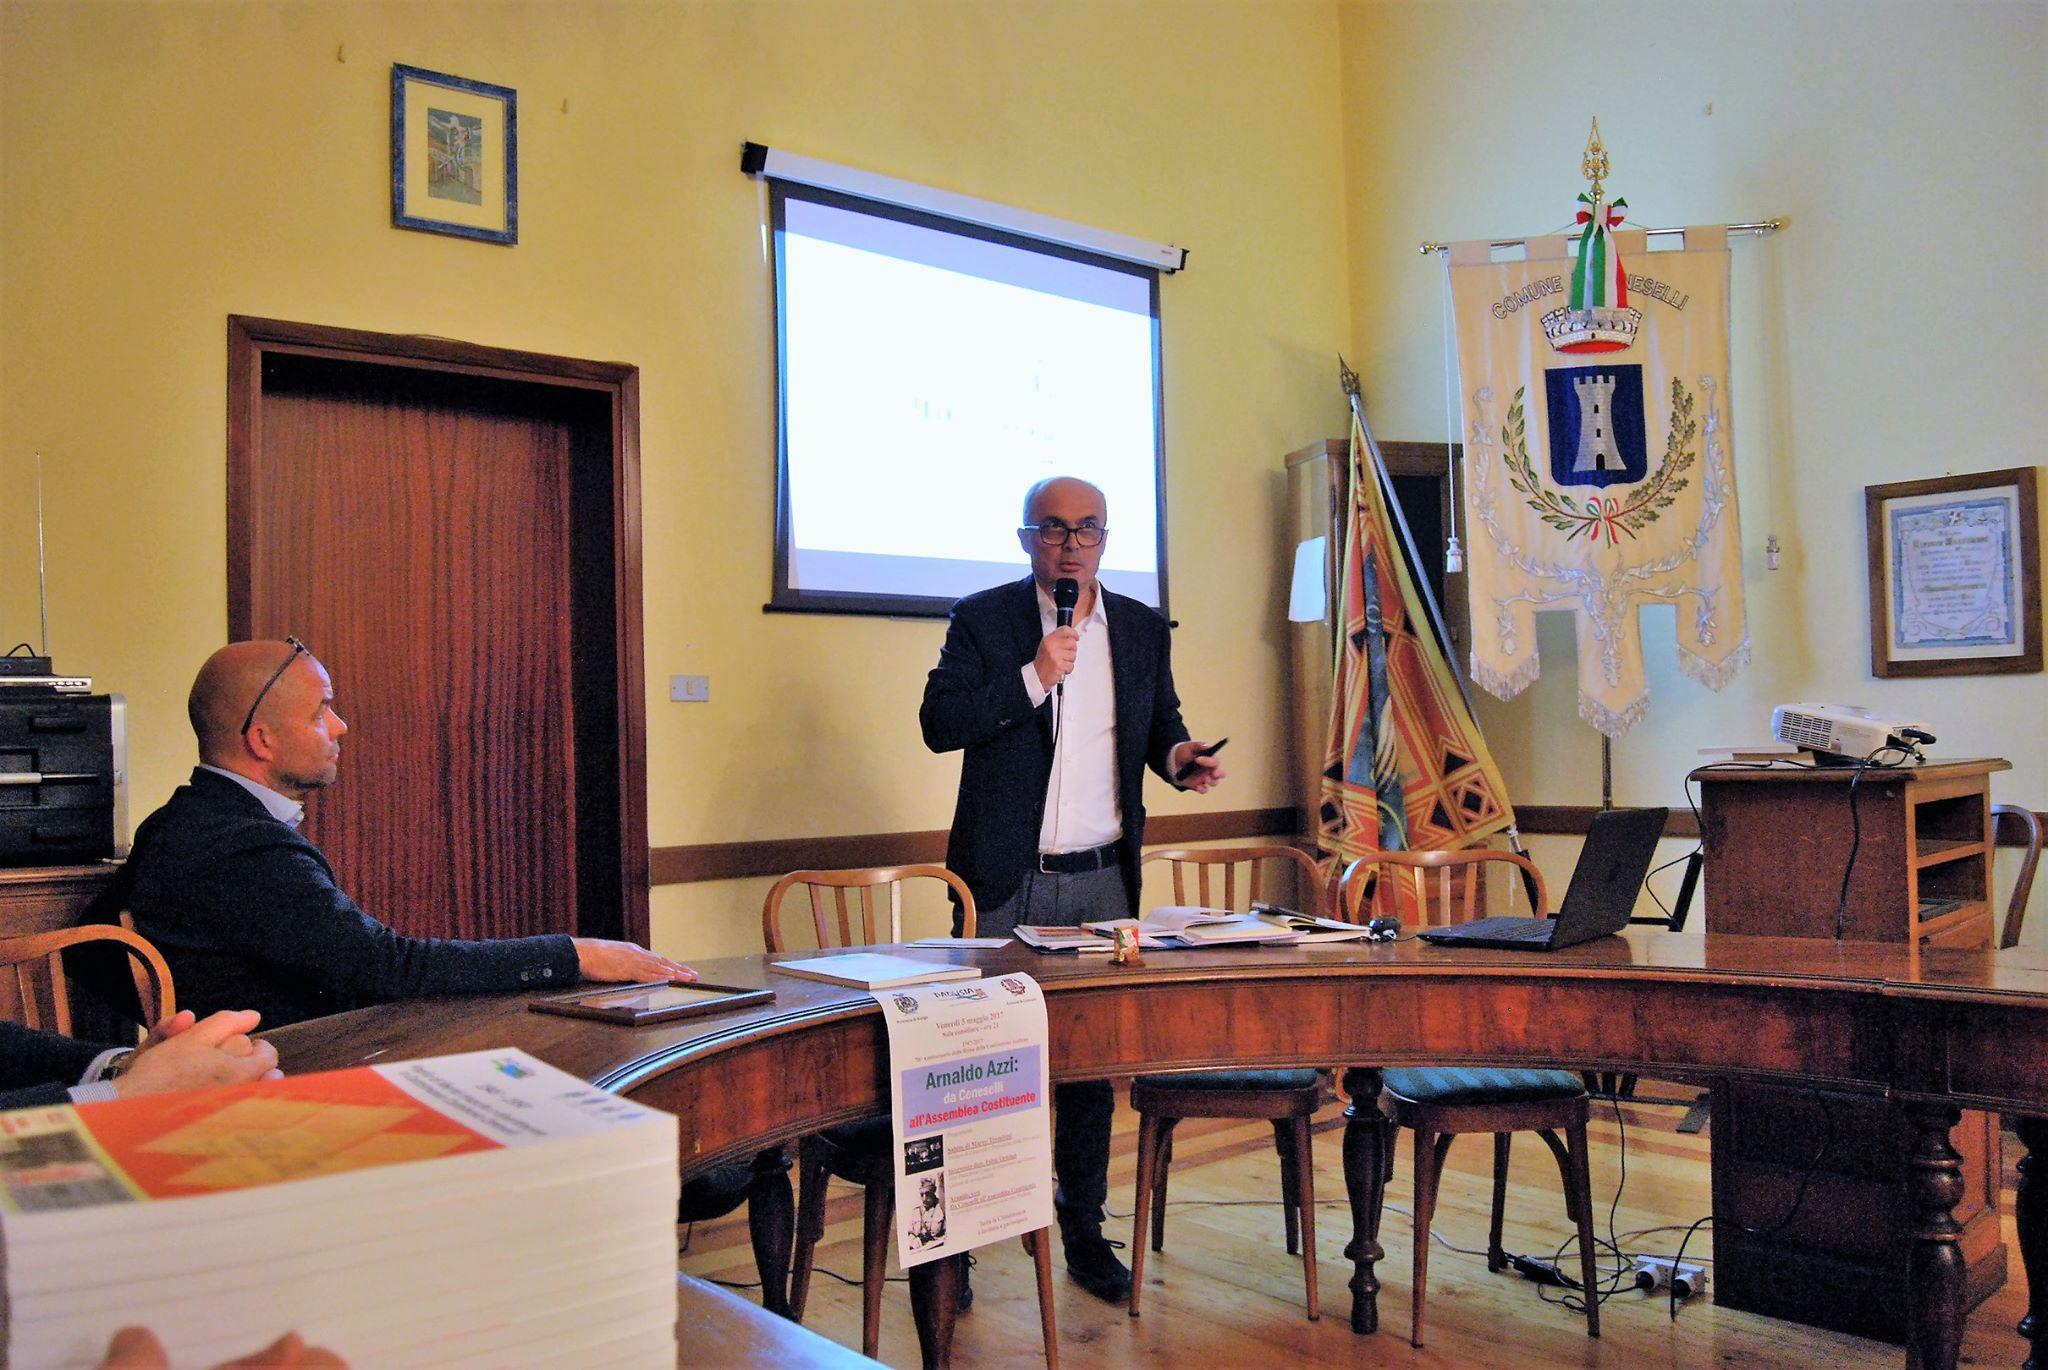 Padusia Arnaldo Azzi da Ceneselli all'Assemblea Costituente